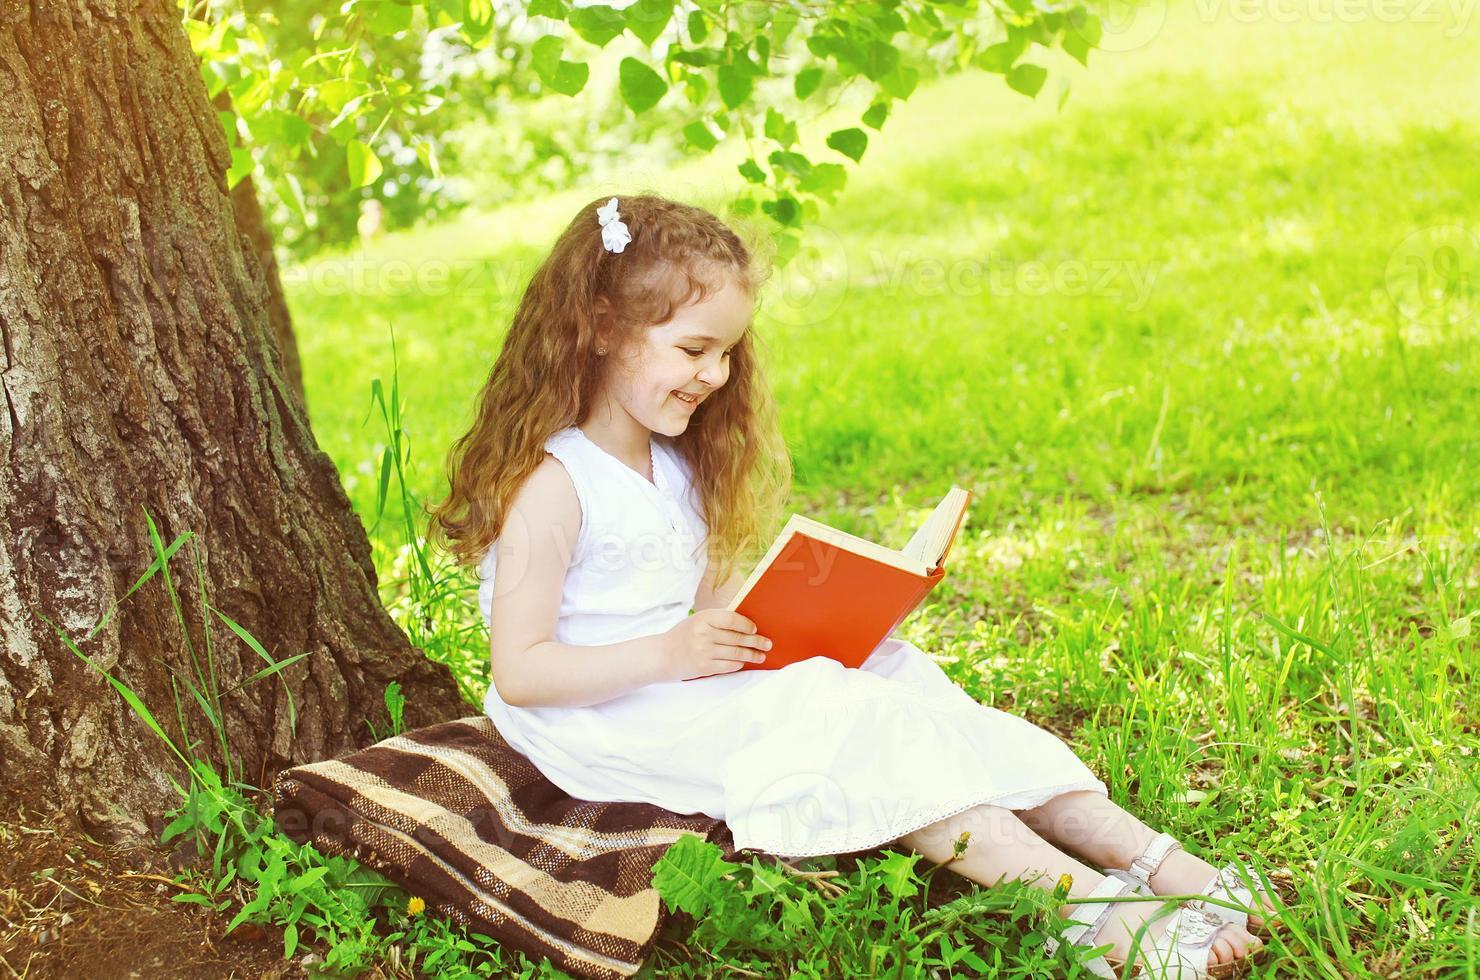 Niña sonriente leyendo un libro sobre el césped cerca del árbol foto